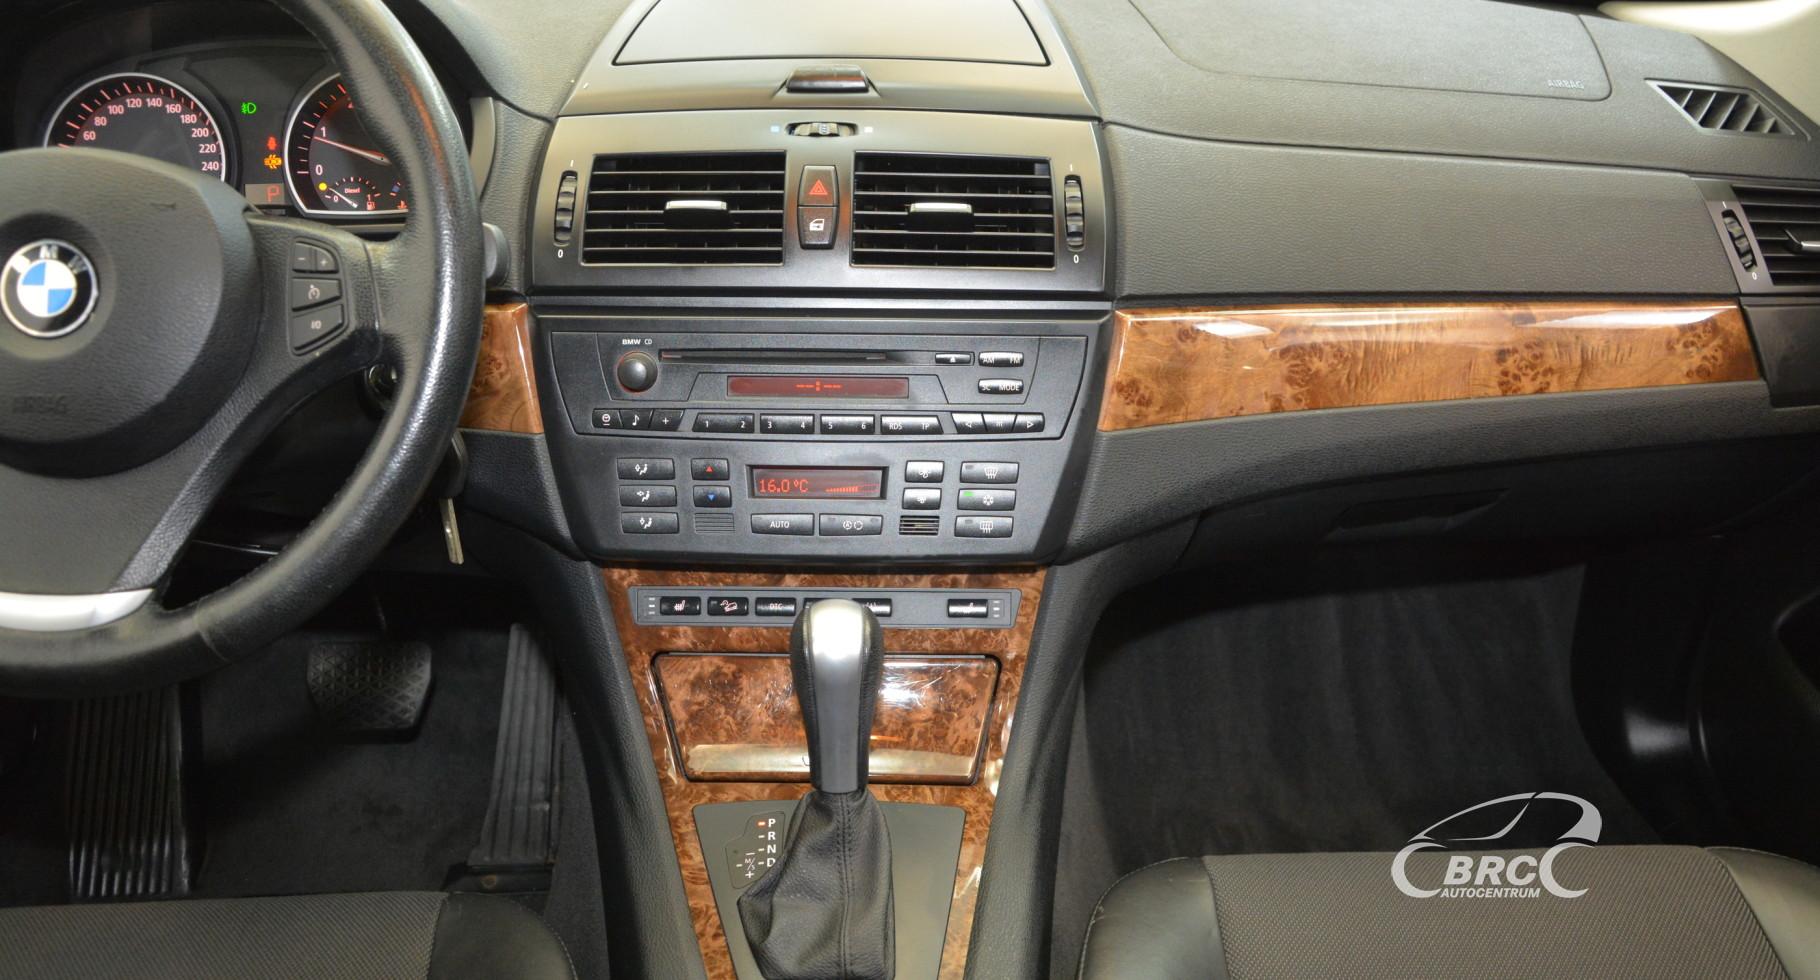 BMW X3 2.0d Automatas